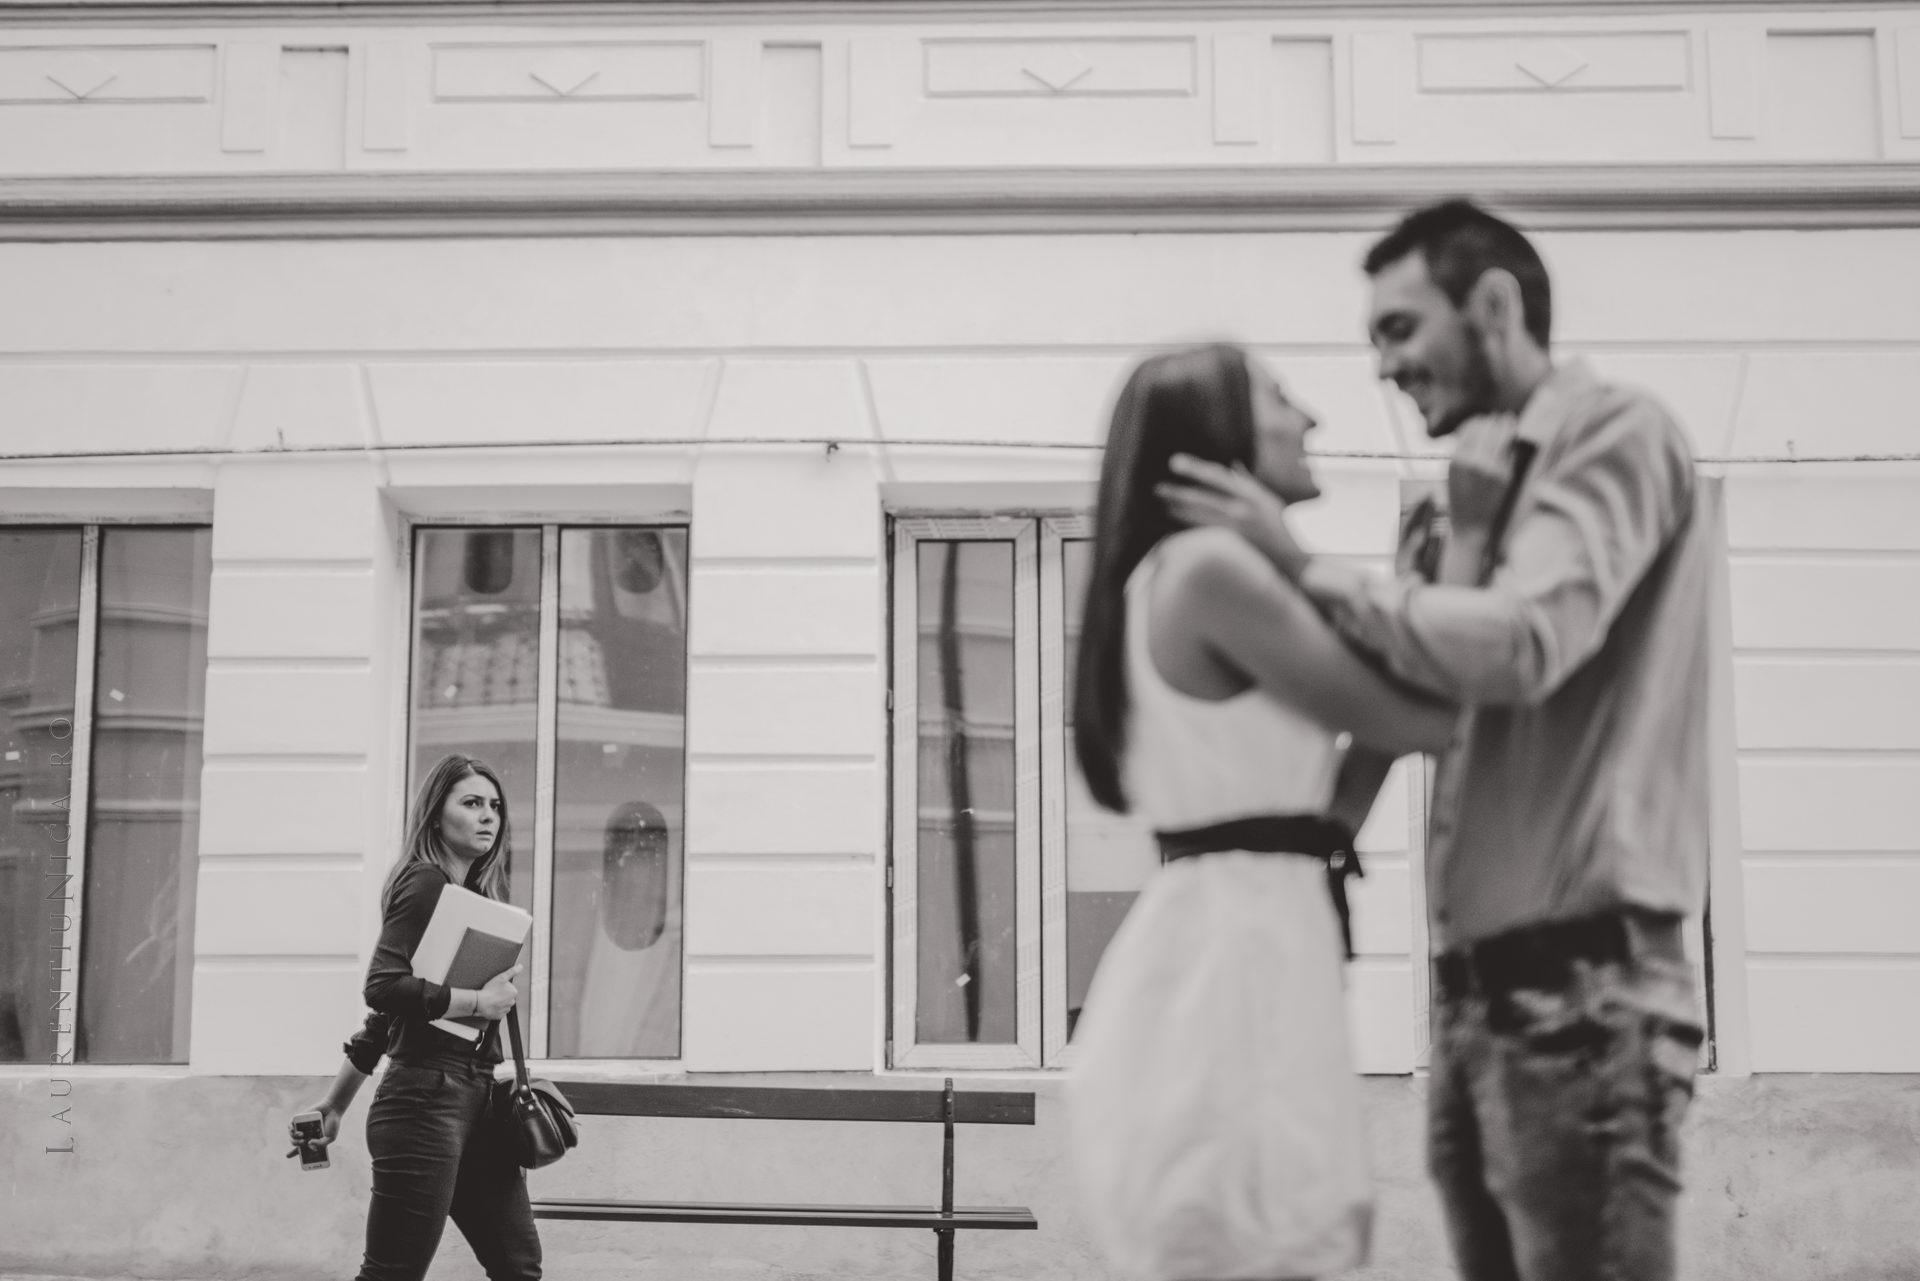 sedinta foto save the date fotograf laurentiu nica craiova 20 - Ramona & Marius | Sedinta foto Save the Date